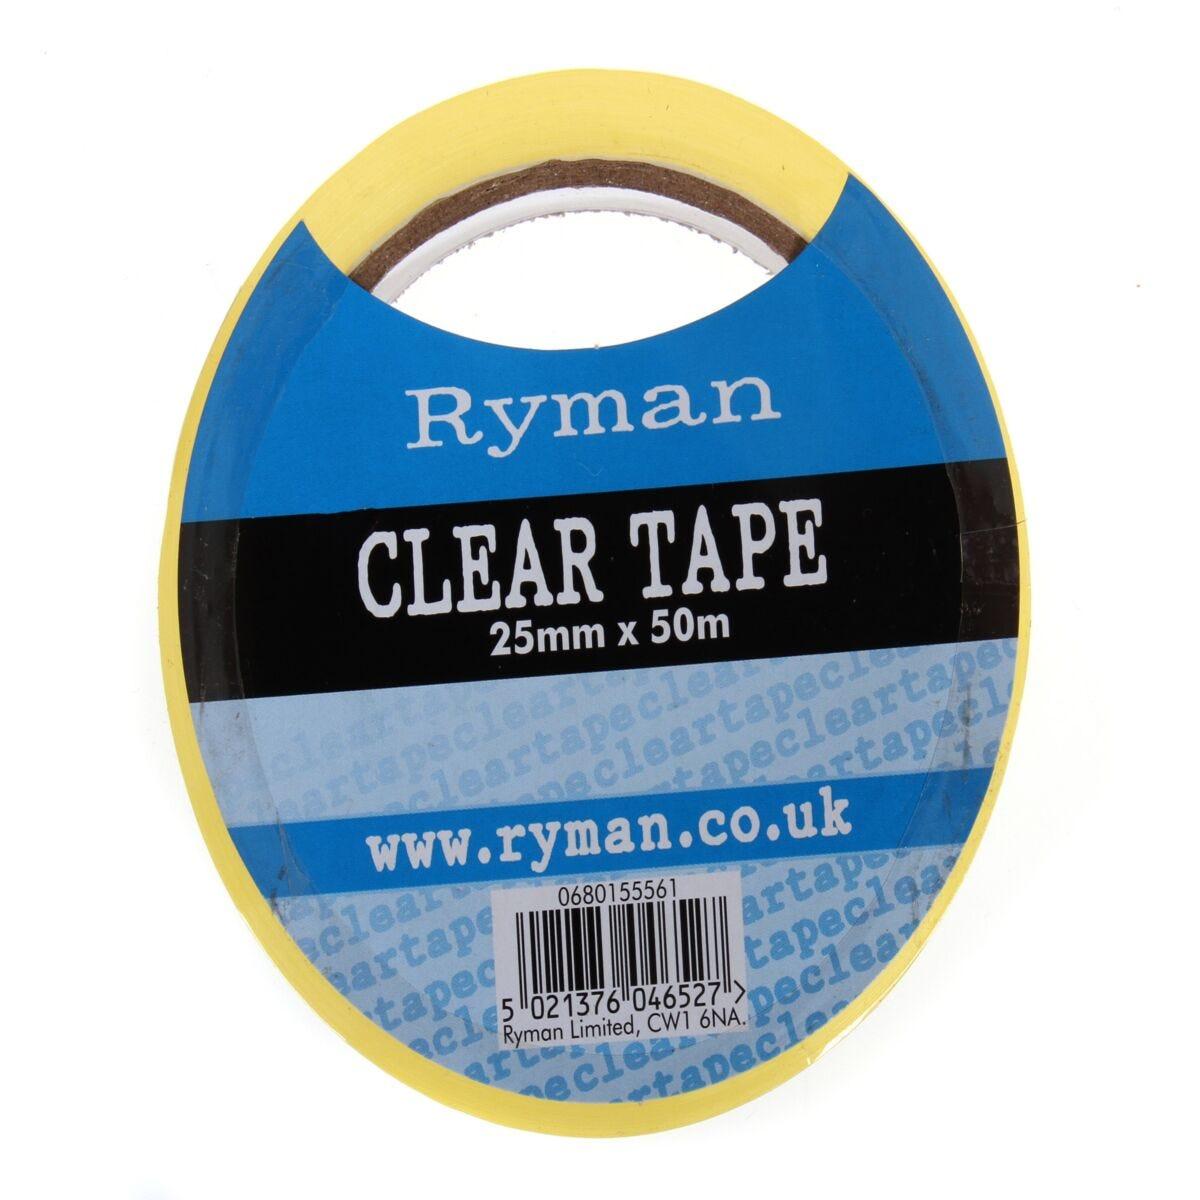 Ryman Tape 25mm x 50m Pack 12 Clear